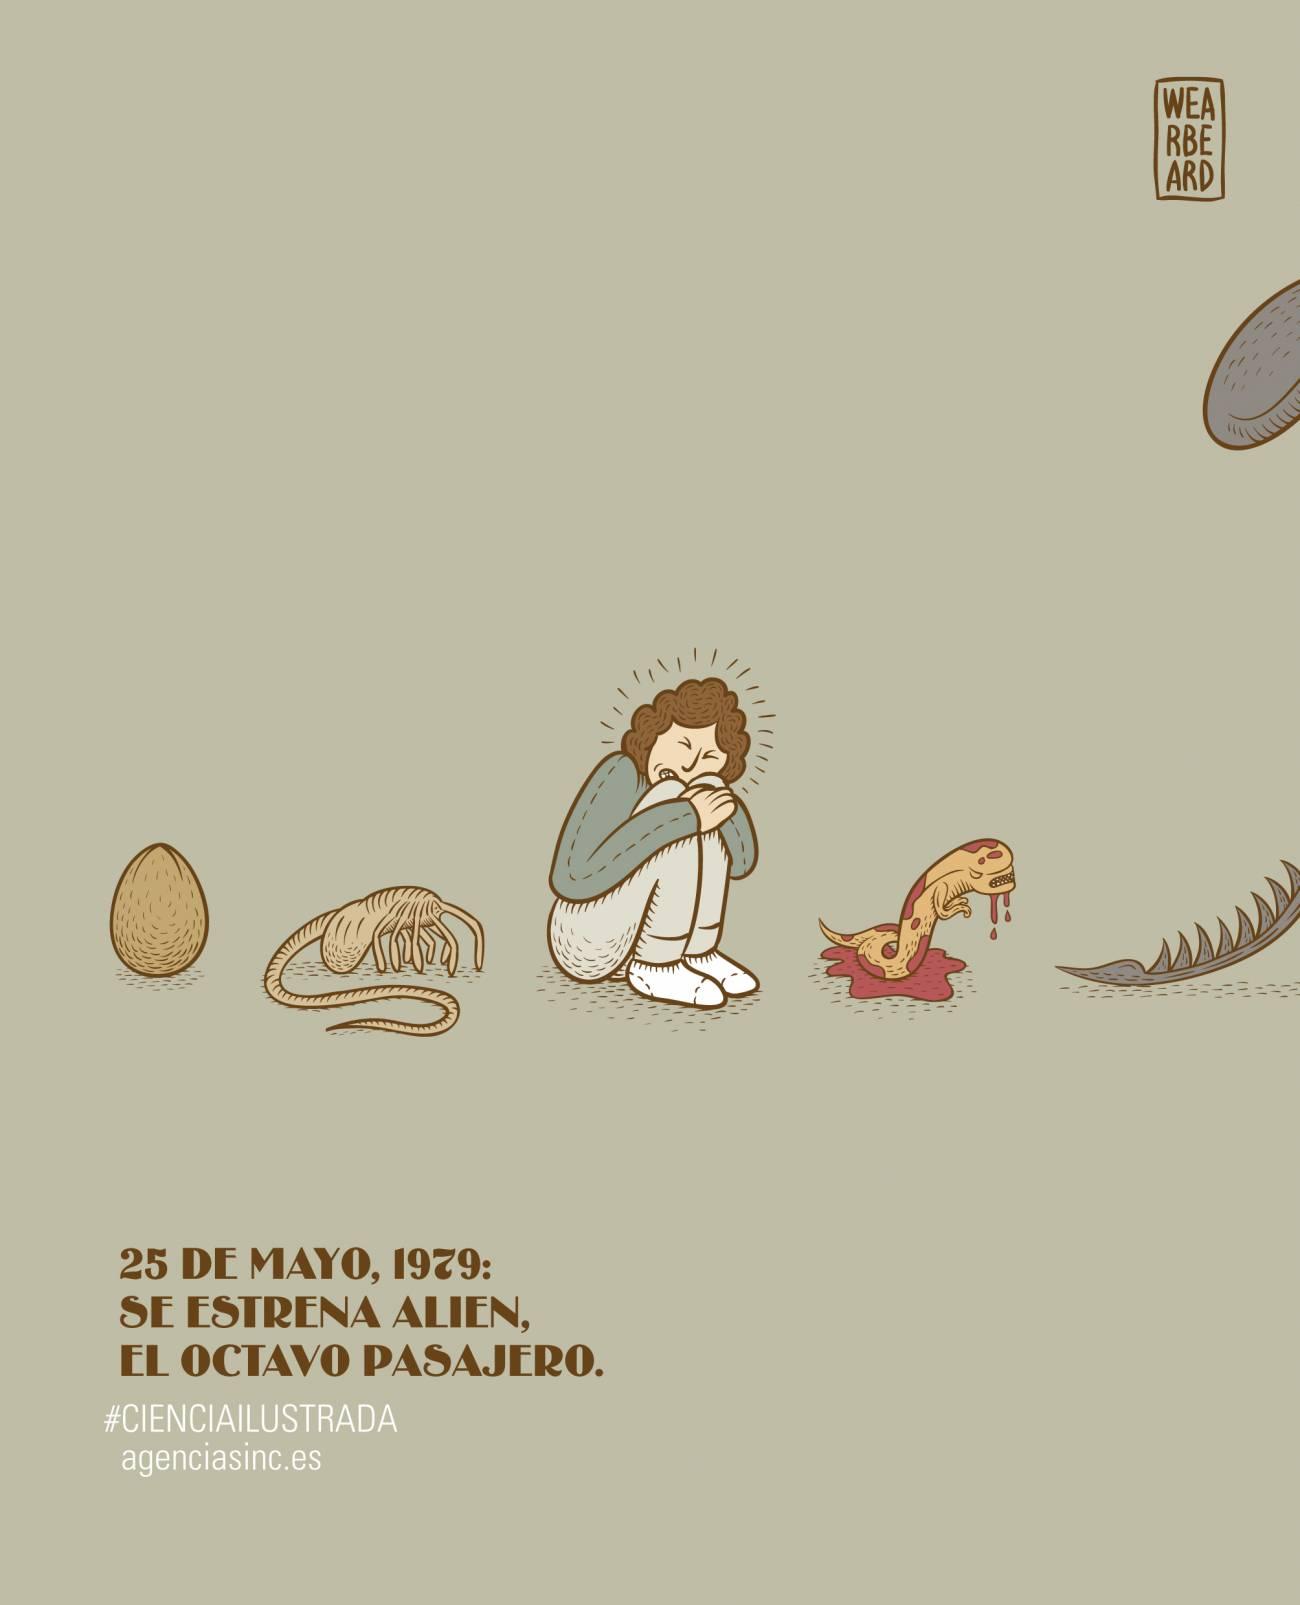 Se cumplen 35 años del estreno de Alien, el octavo pasajero. / SINC